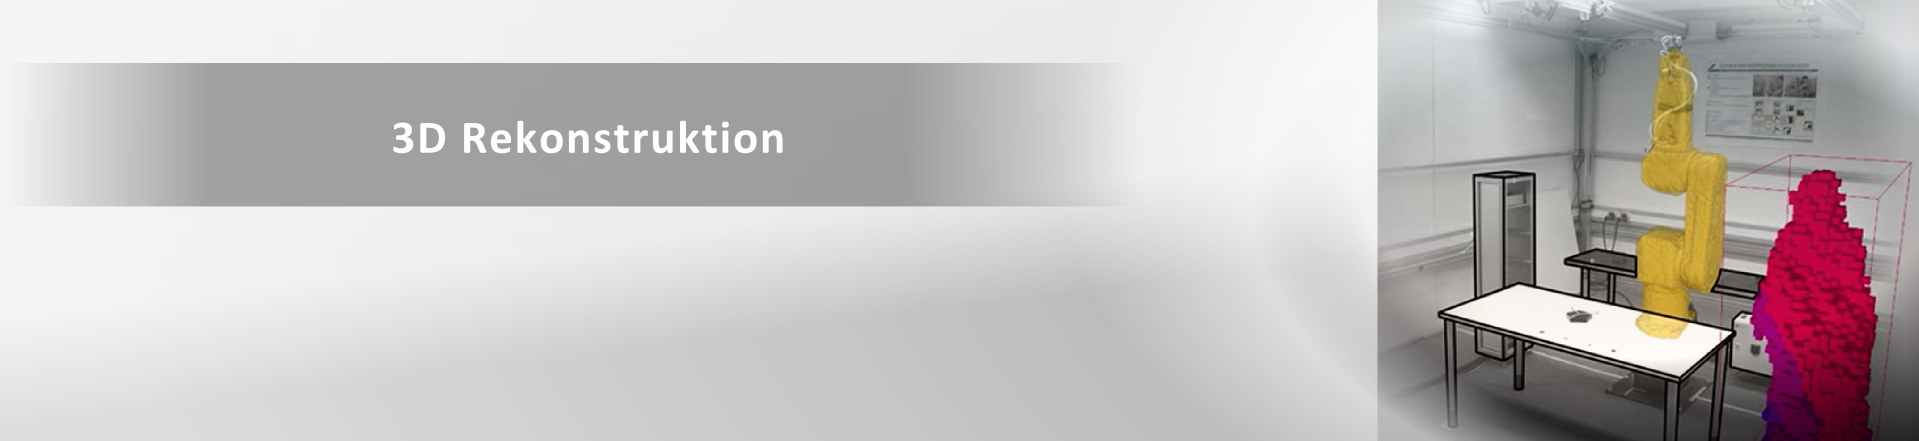 Banner: 3D Rekonstruktion - Wissens- und sensorbasierte geometrische Rekonstruktion